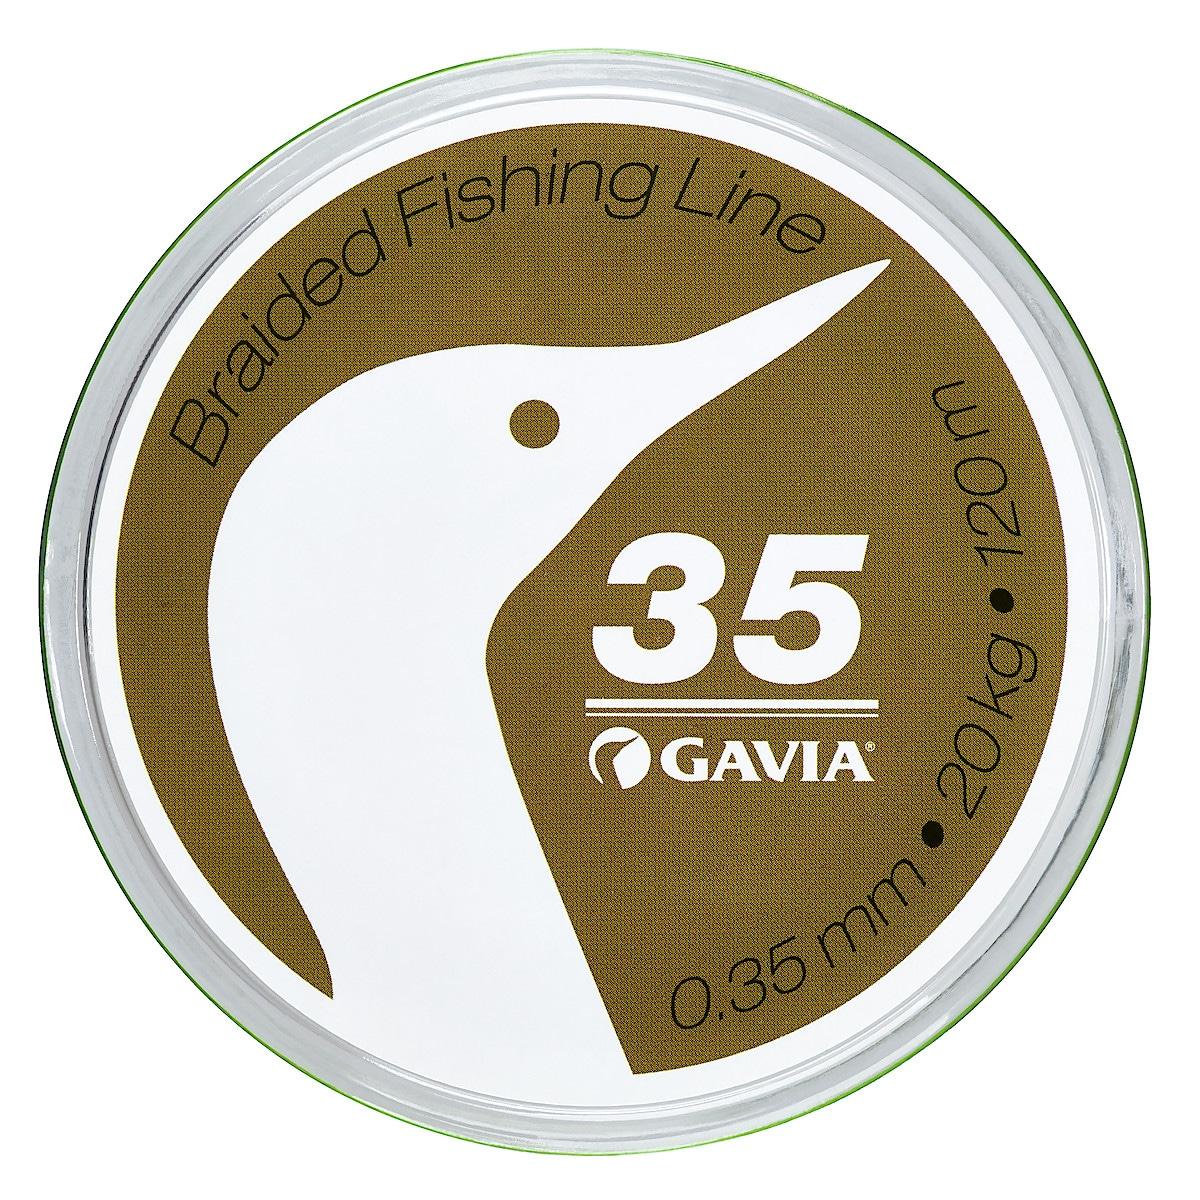 Angelschnur geflochten, Gavia